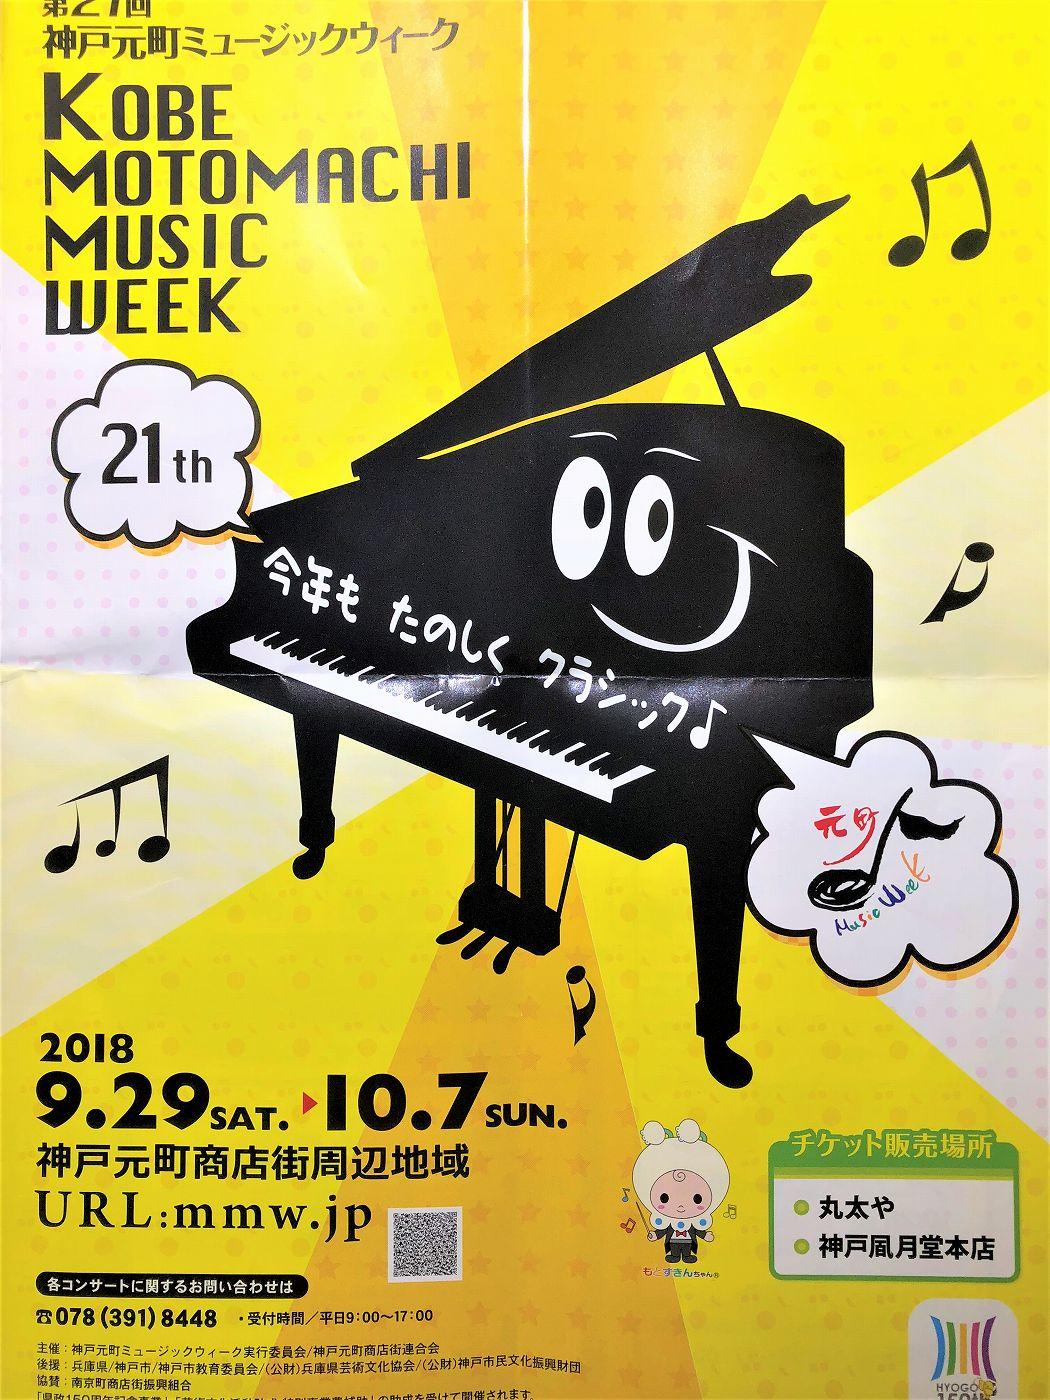 神戸元町商店街周辺で「神戸元町ミュージックウィーク」が9/29~10/7まで開催されるよ! #神戸元町ミュージックウィーク #元町商店街 #クラシックコンサート